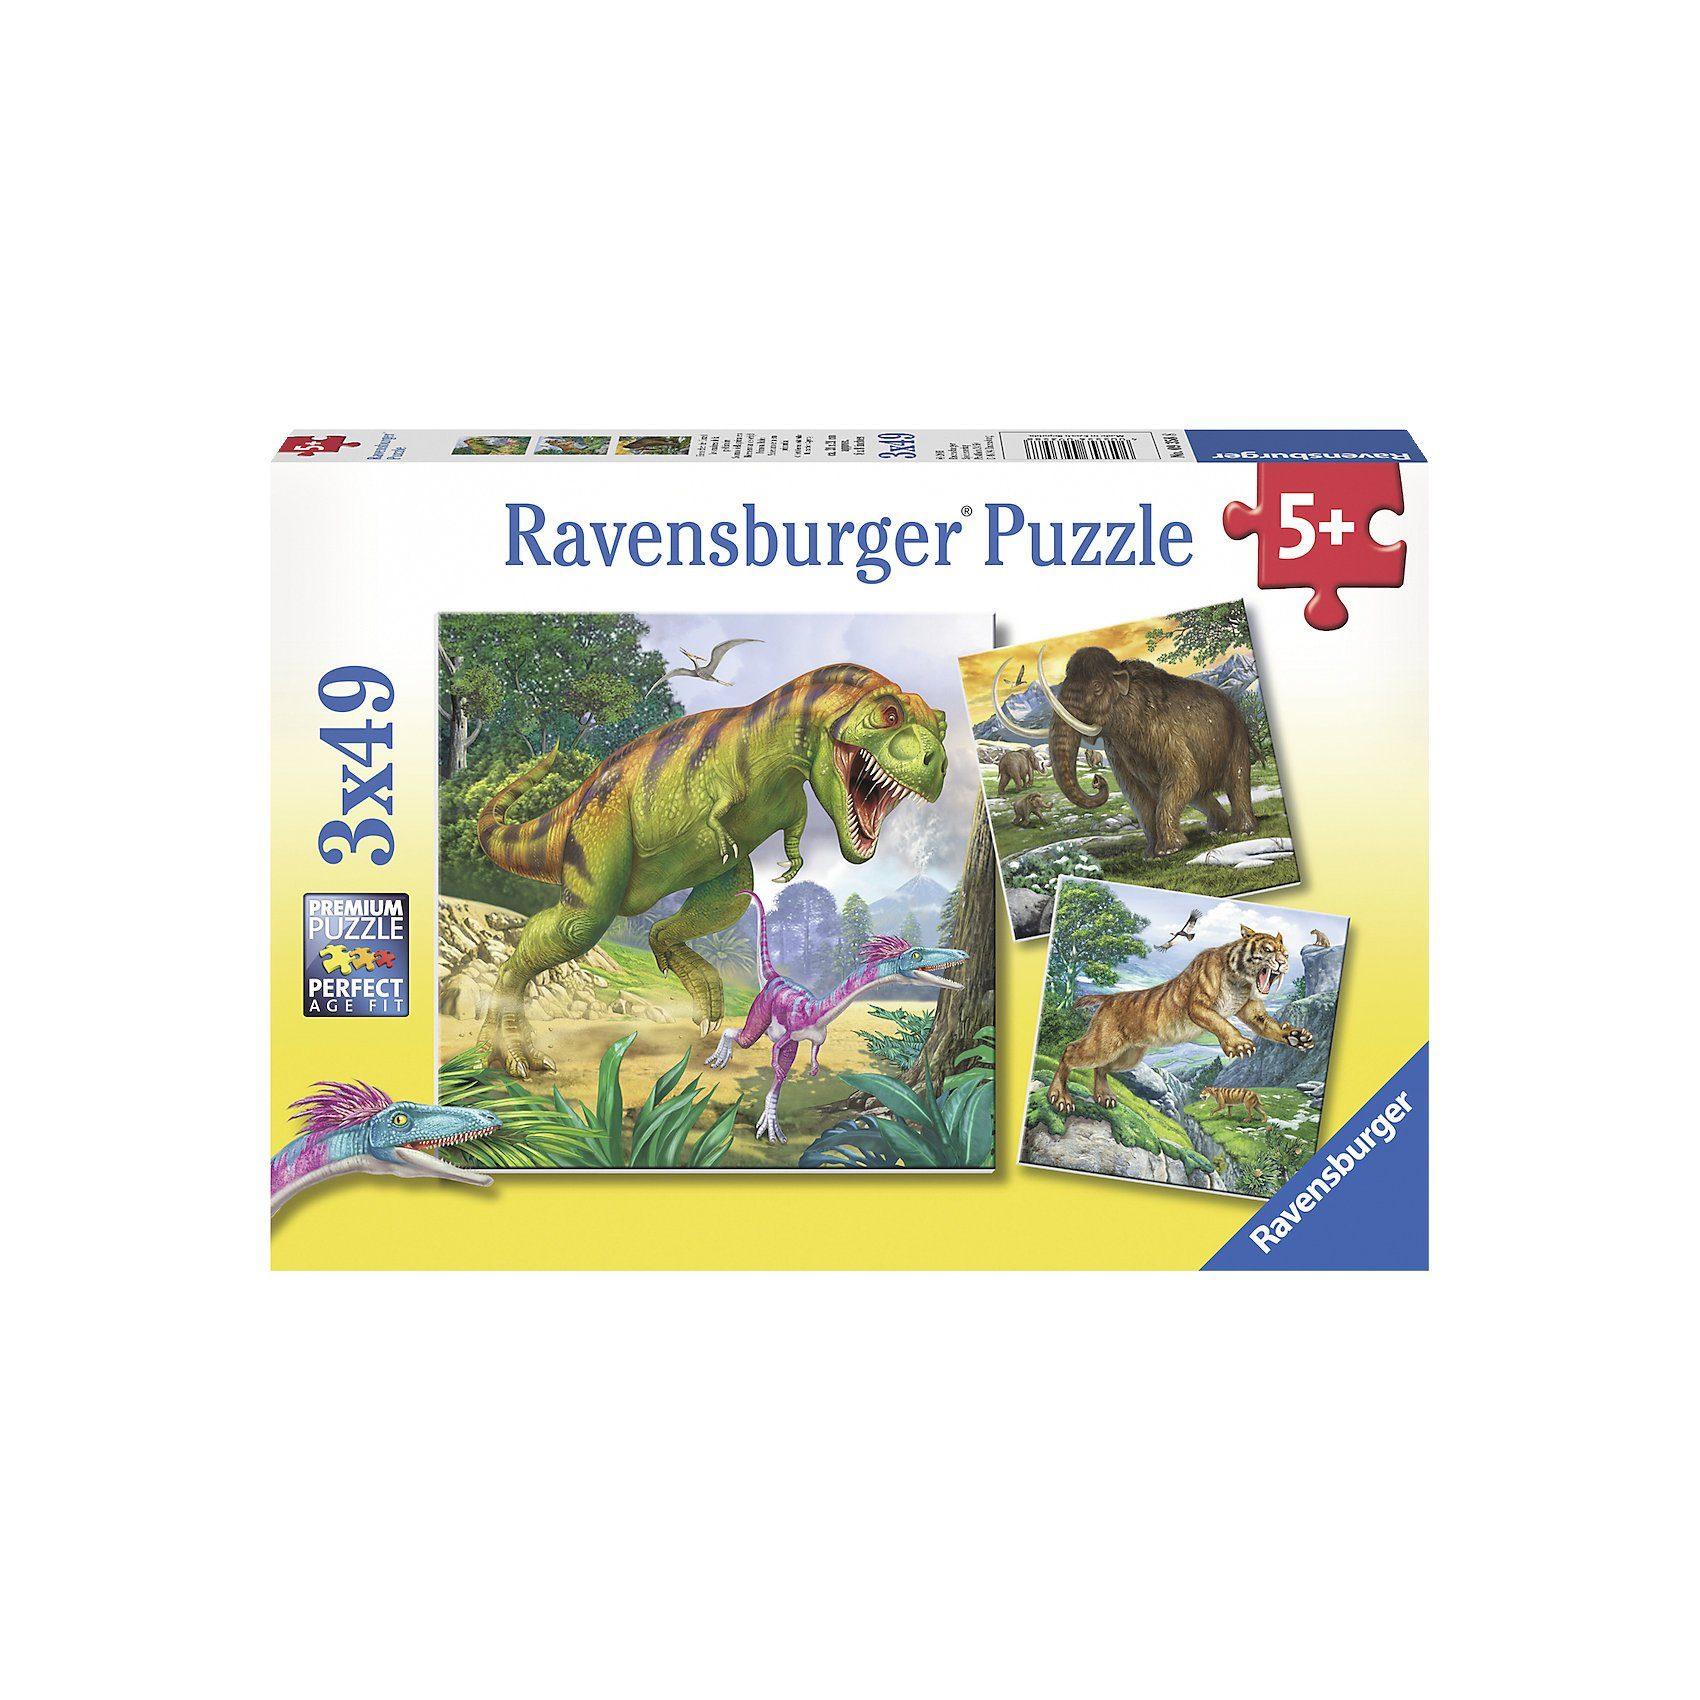 Ravensburger Puzzle Herrscher der Urzeit 3 x 49 Teile